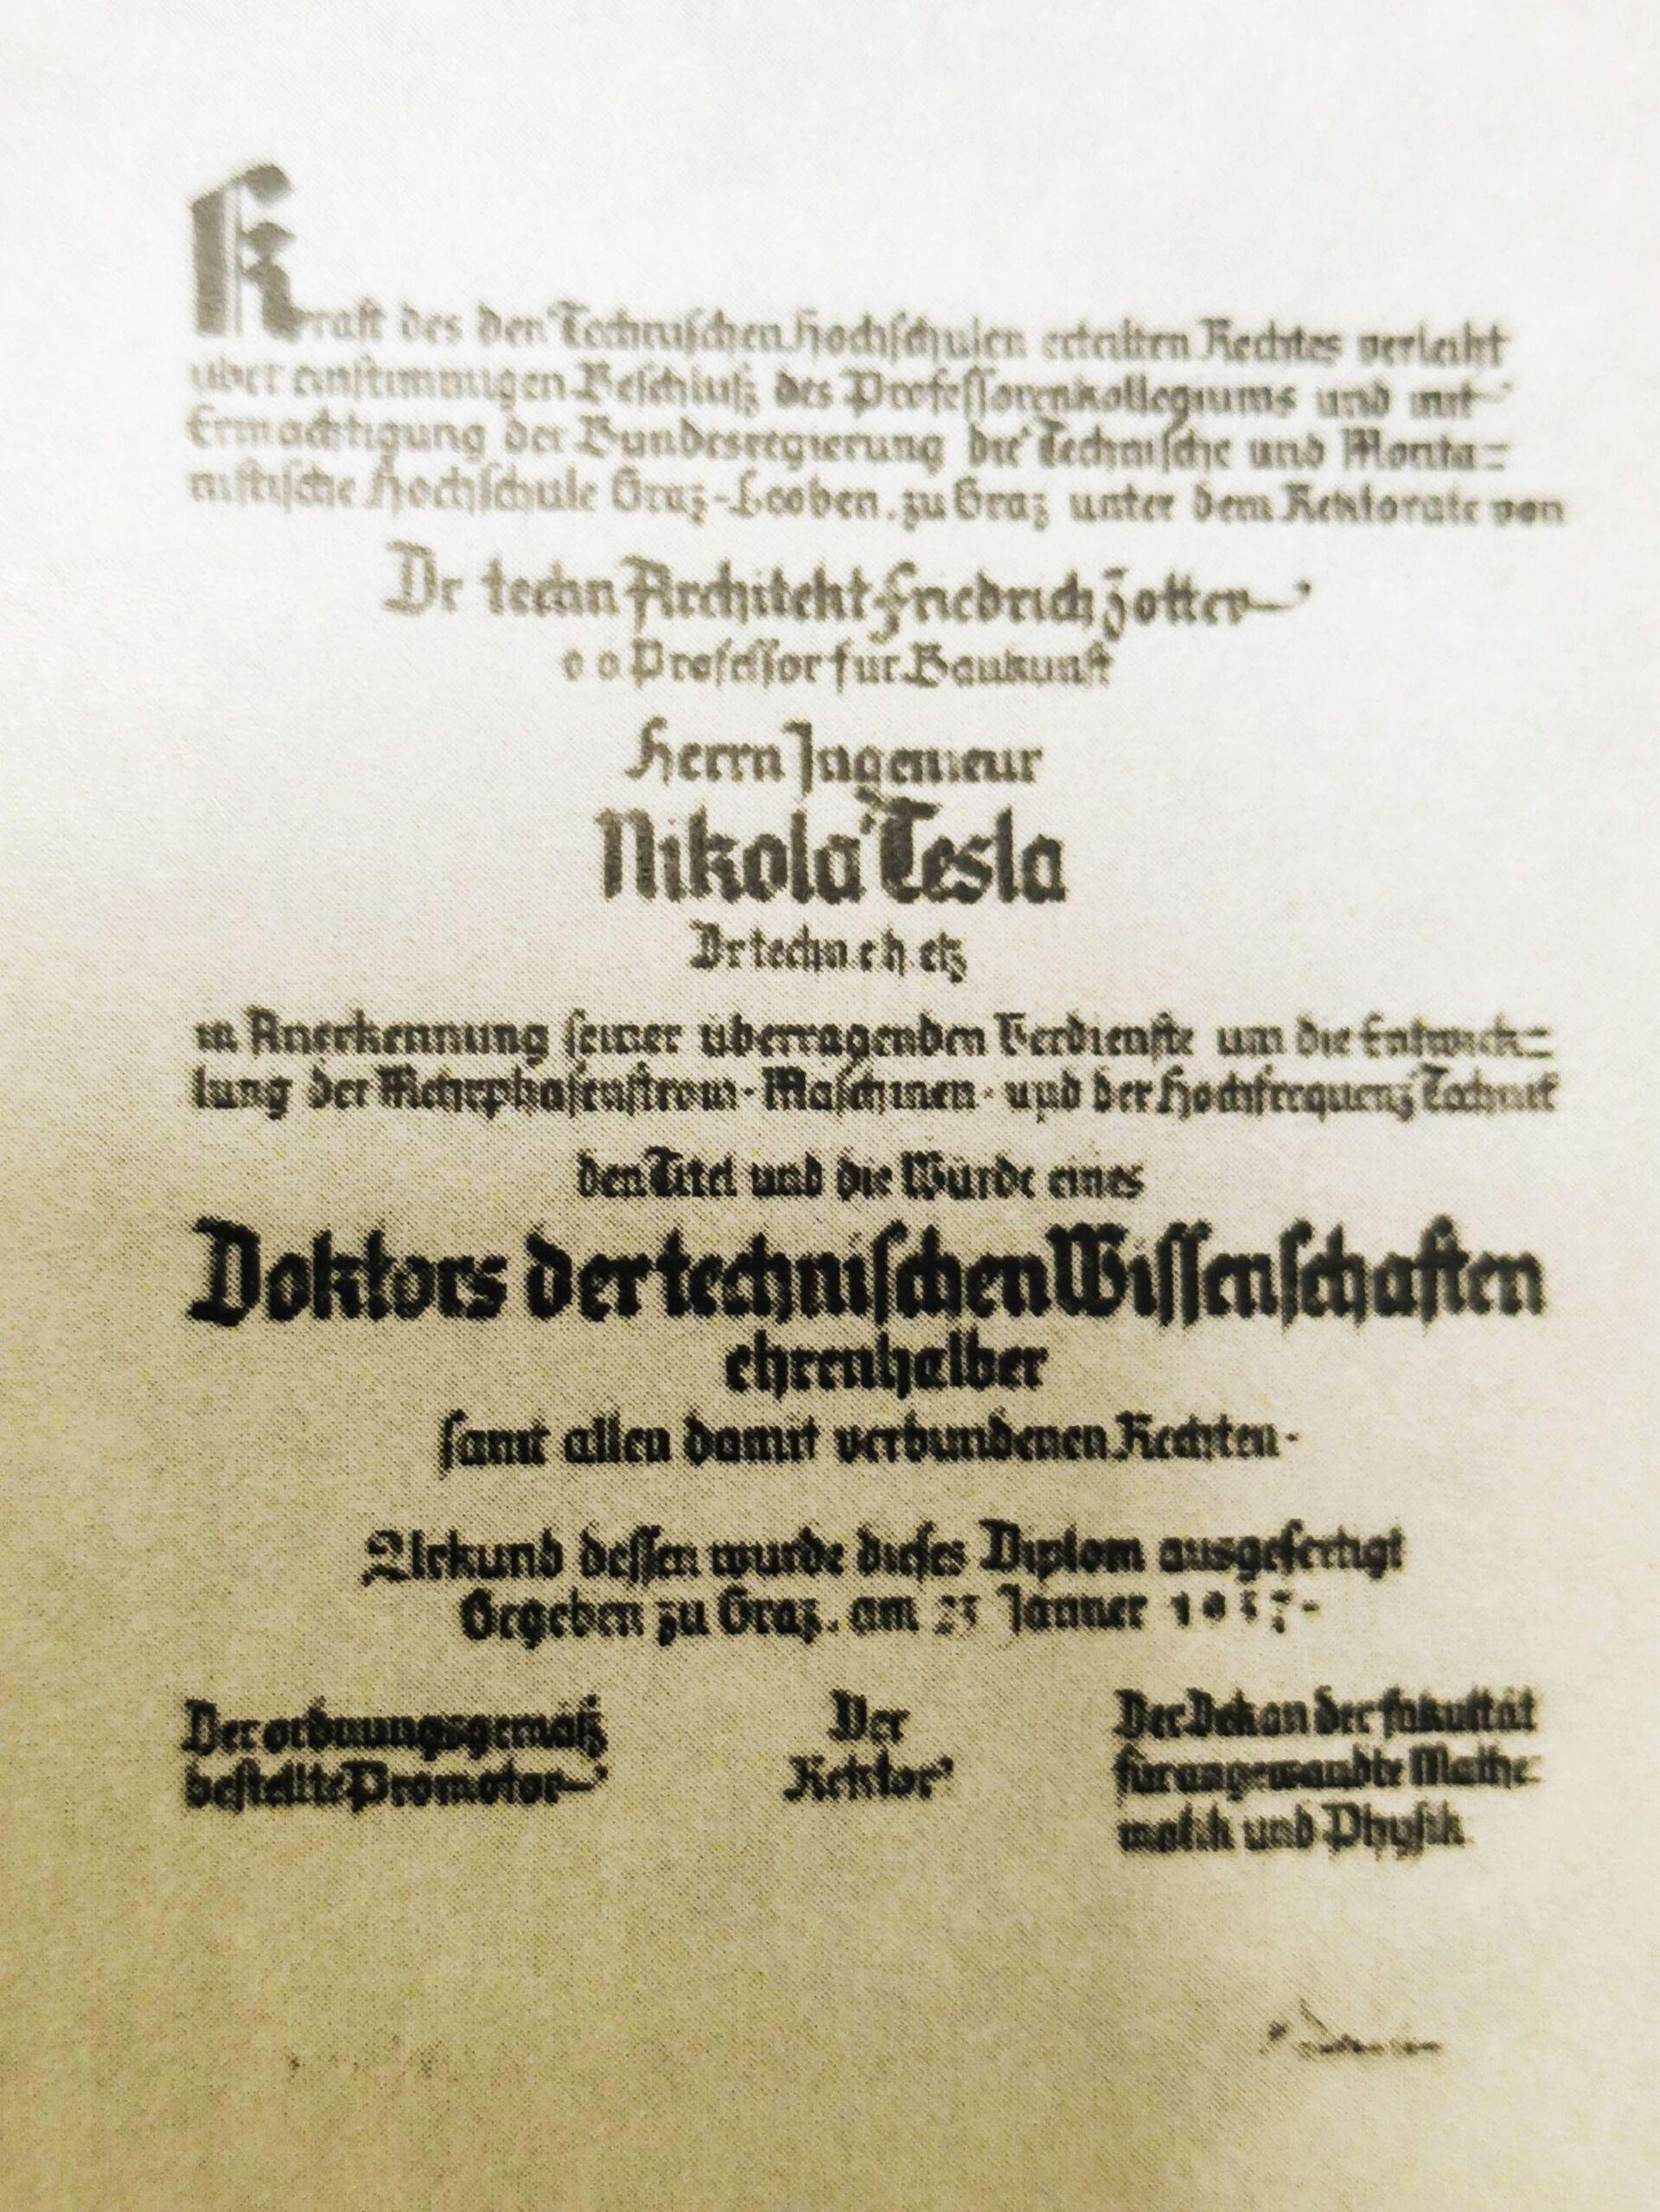 Потрвда о додели титуле и звања почасног доктора техничких наука Николи Тесли (Грац, 1937) - Sputnik Србија, 1920, 13.07.2021